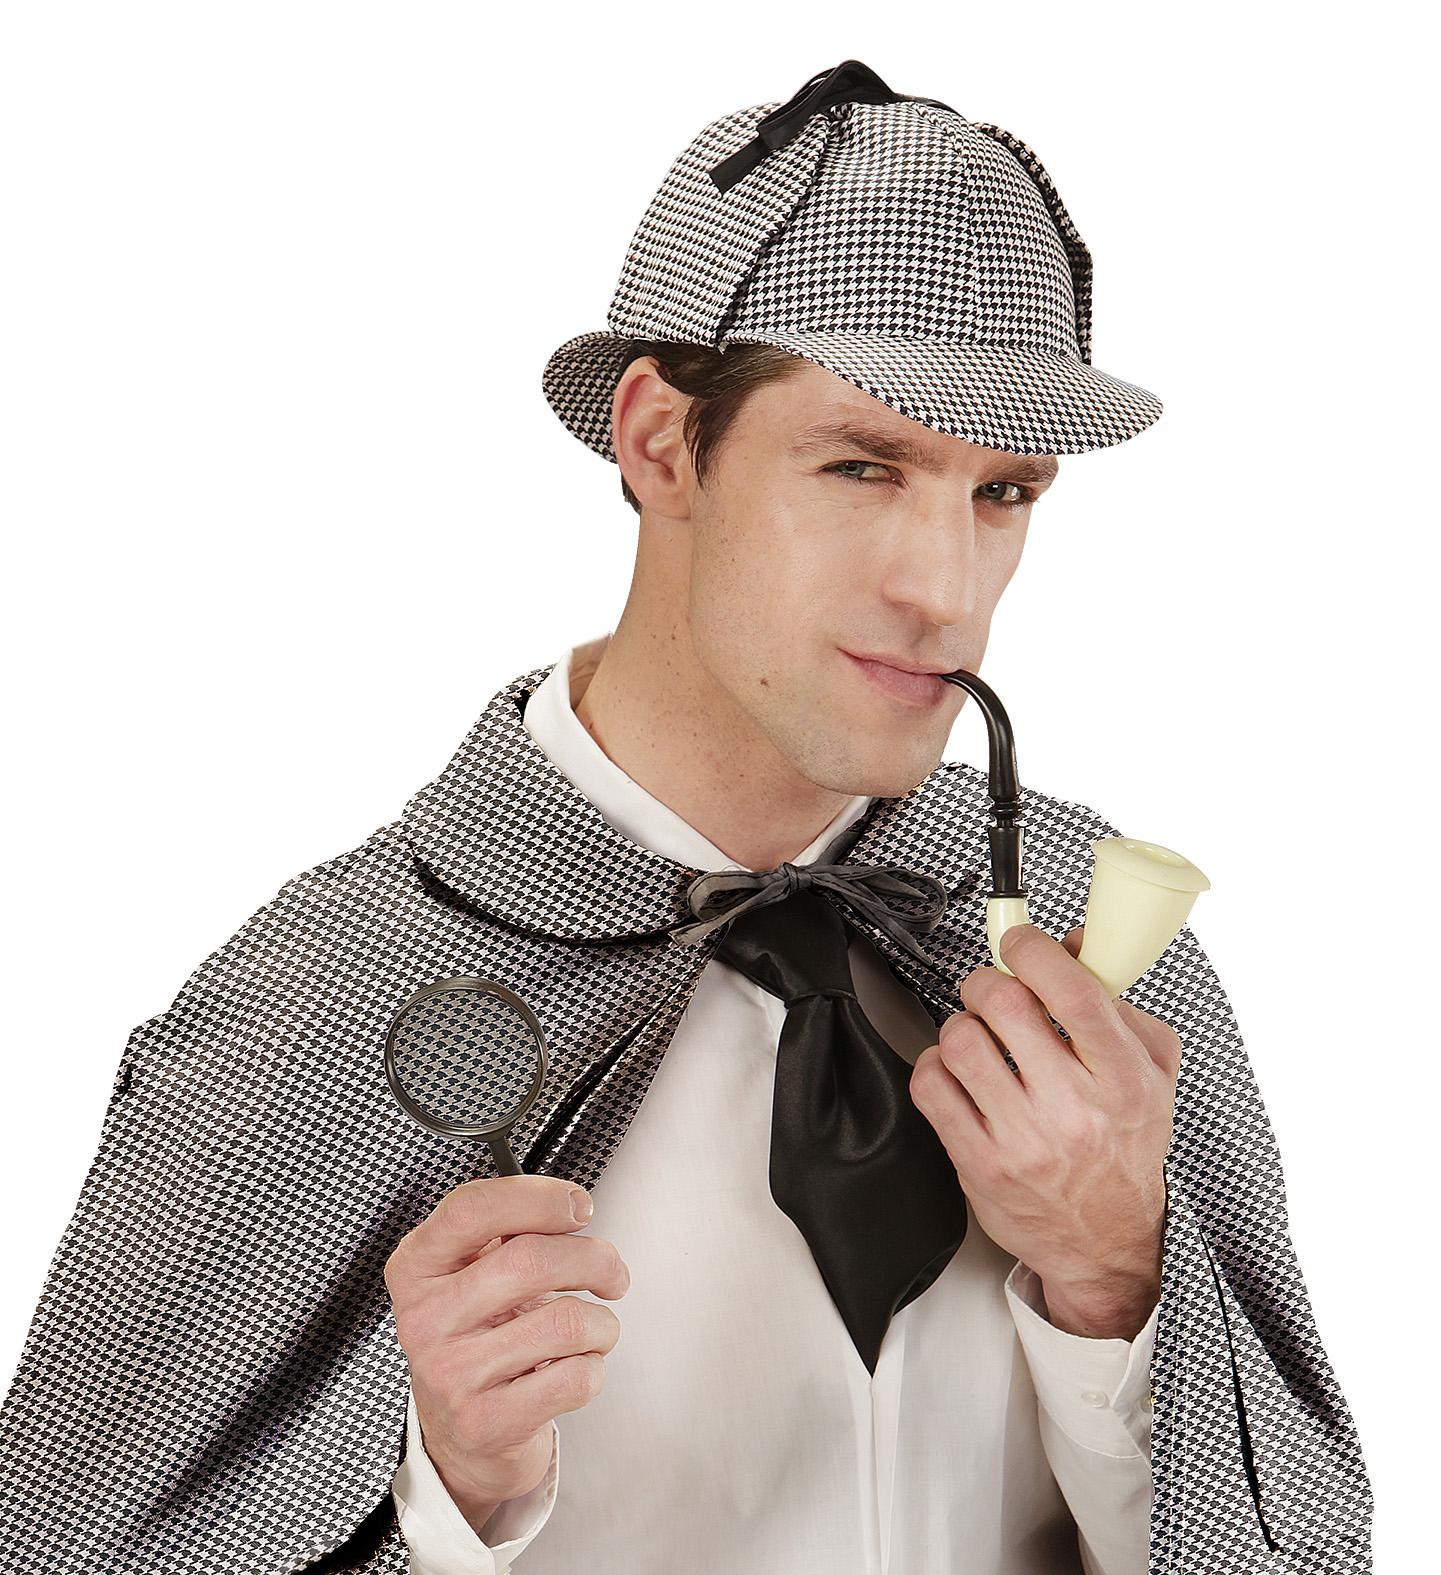 Αποκριάτικο Σέτ Ντετέκτιβ (Πίπα ,Καπέλο Και Φακός)